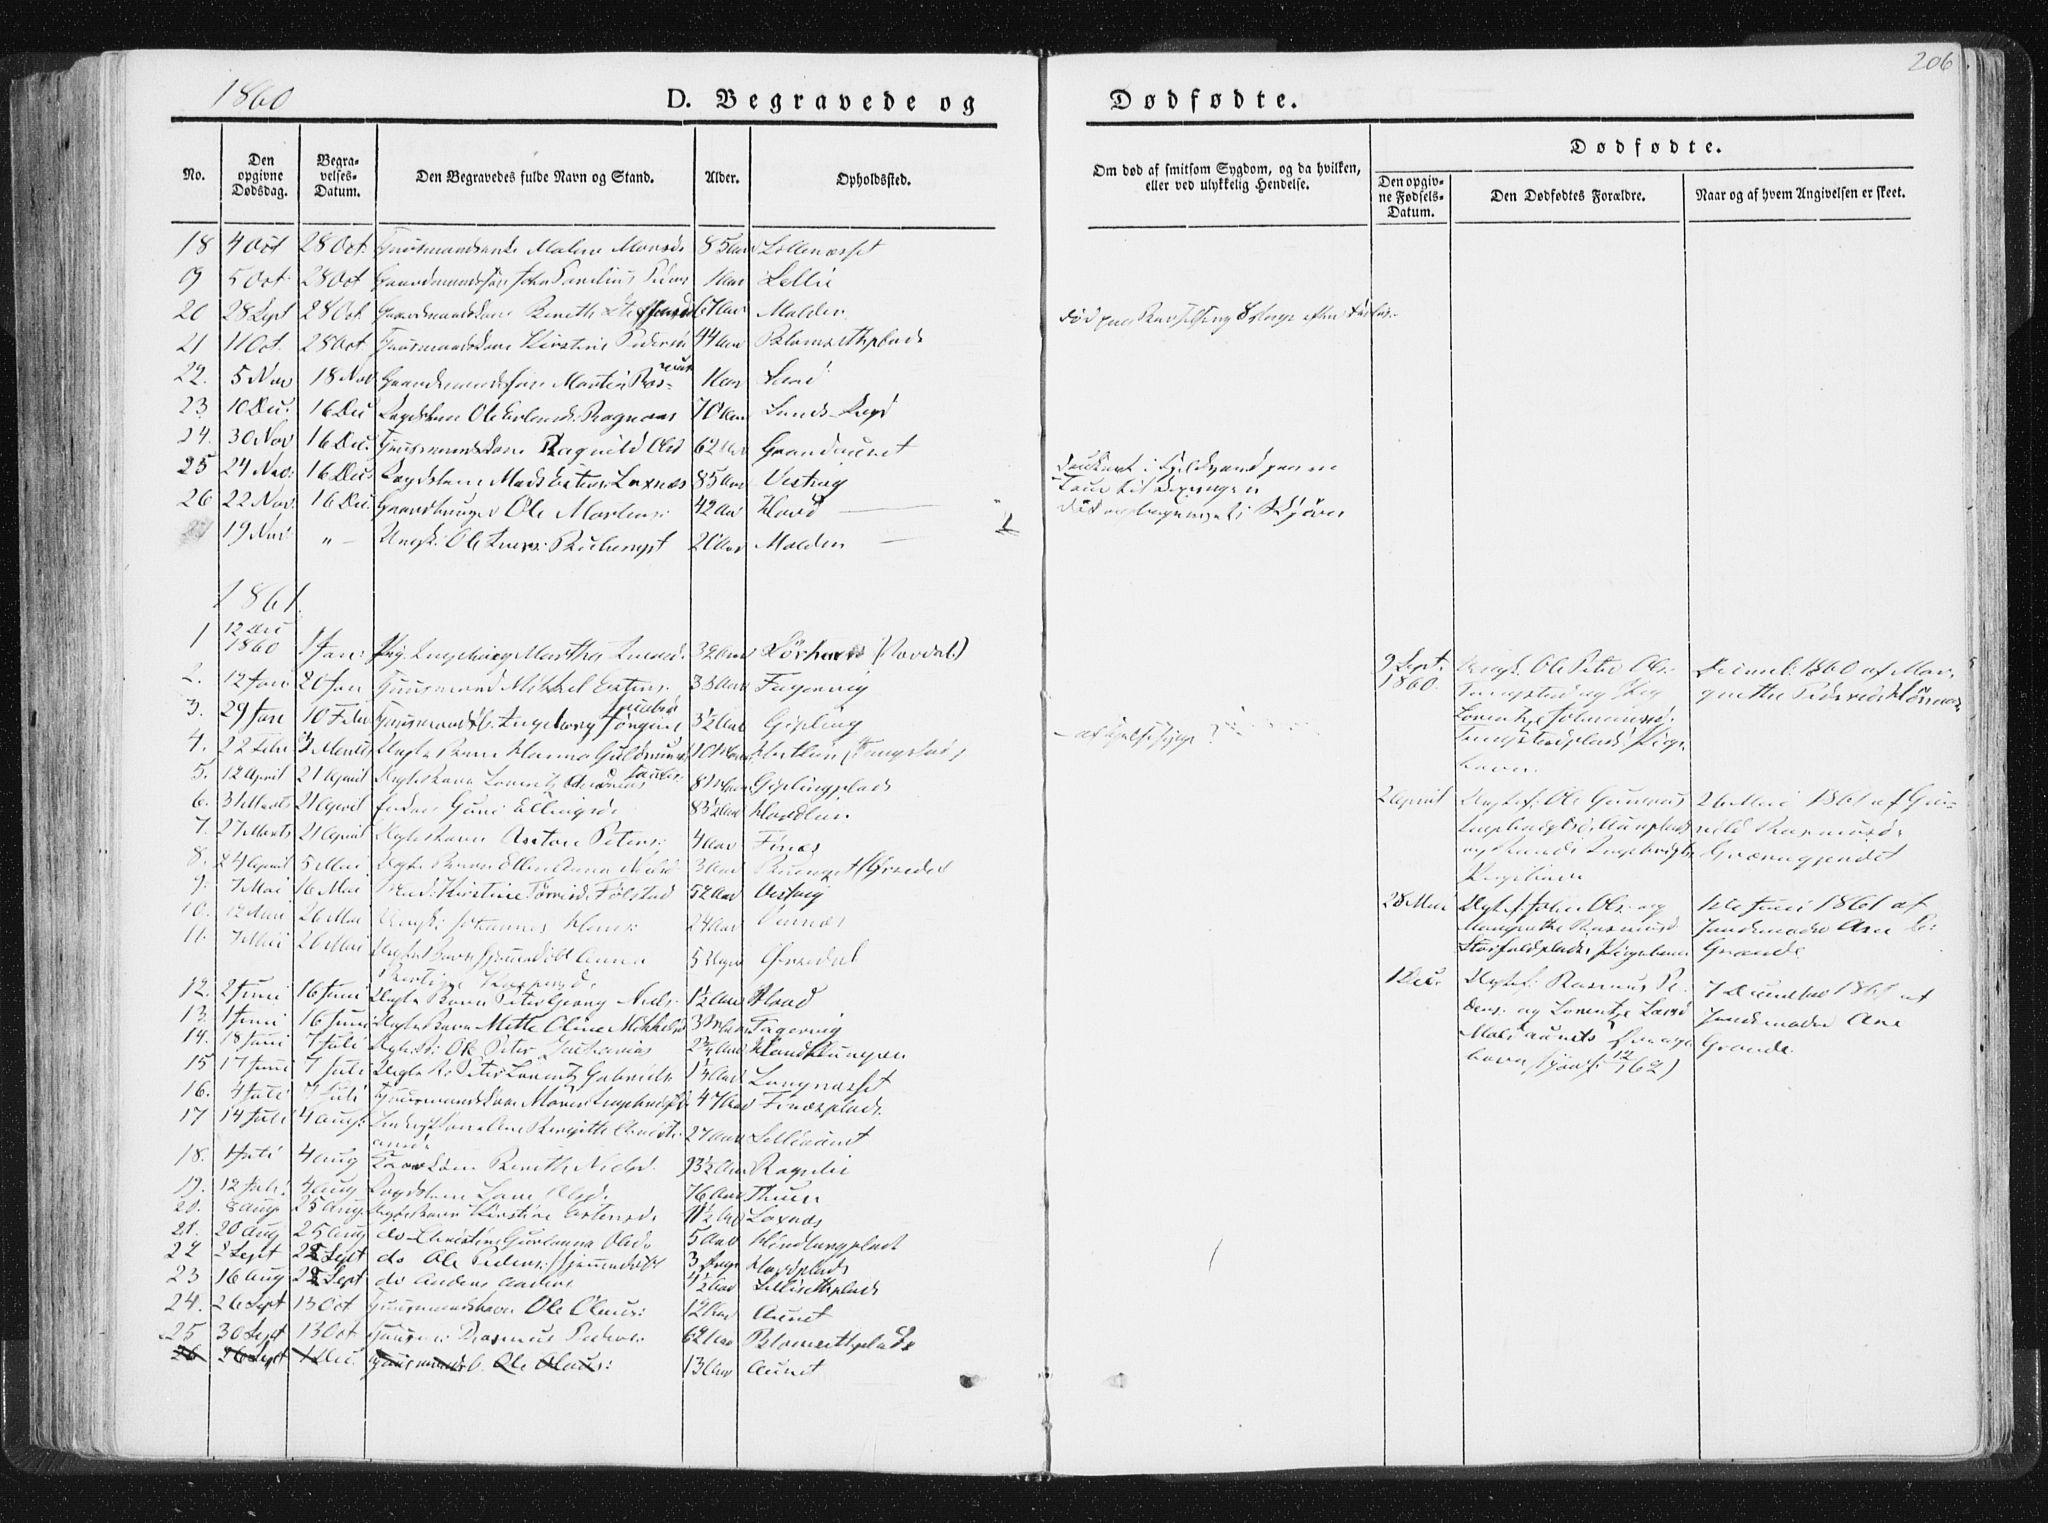 SAT, Ministerialprotokoller, klokkerbøker og fødselsregistre - Nord-Trøndelag, 744/L0418: Ministerialbok nr. 744A02, 1843-1866, s. 206